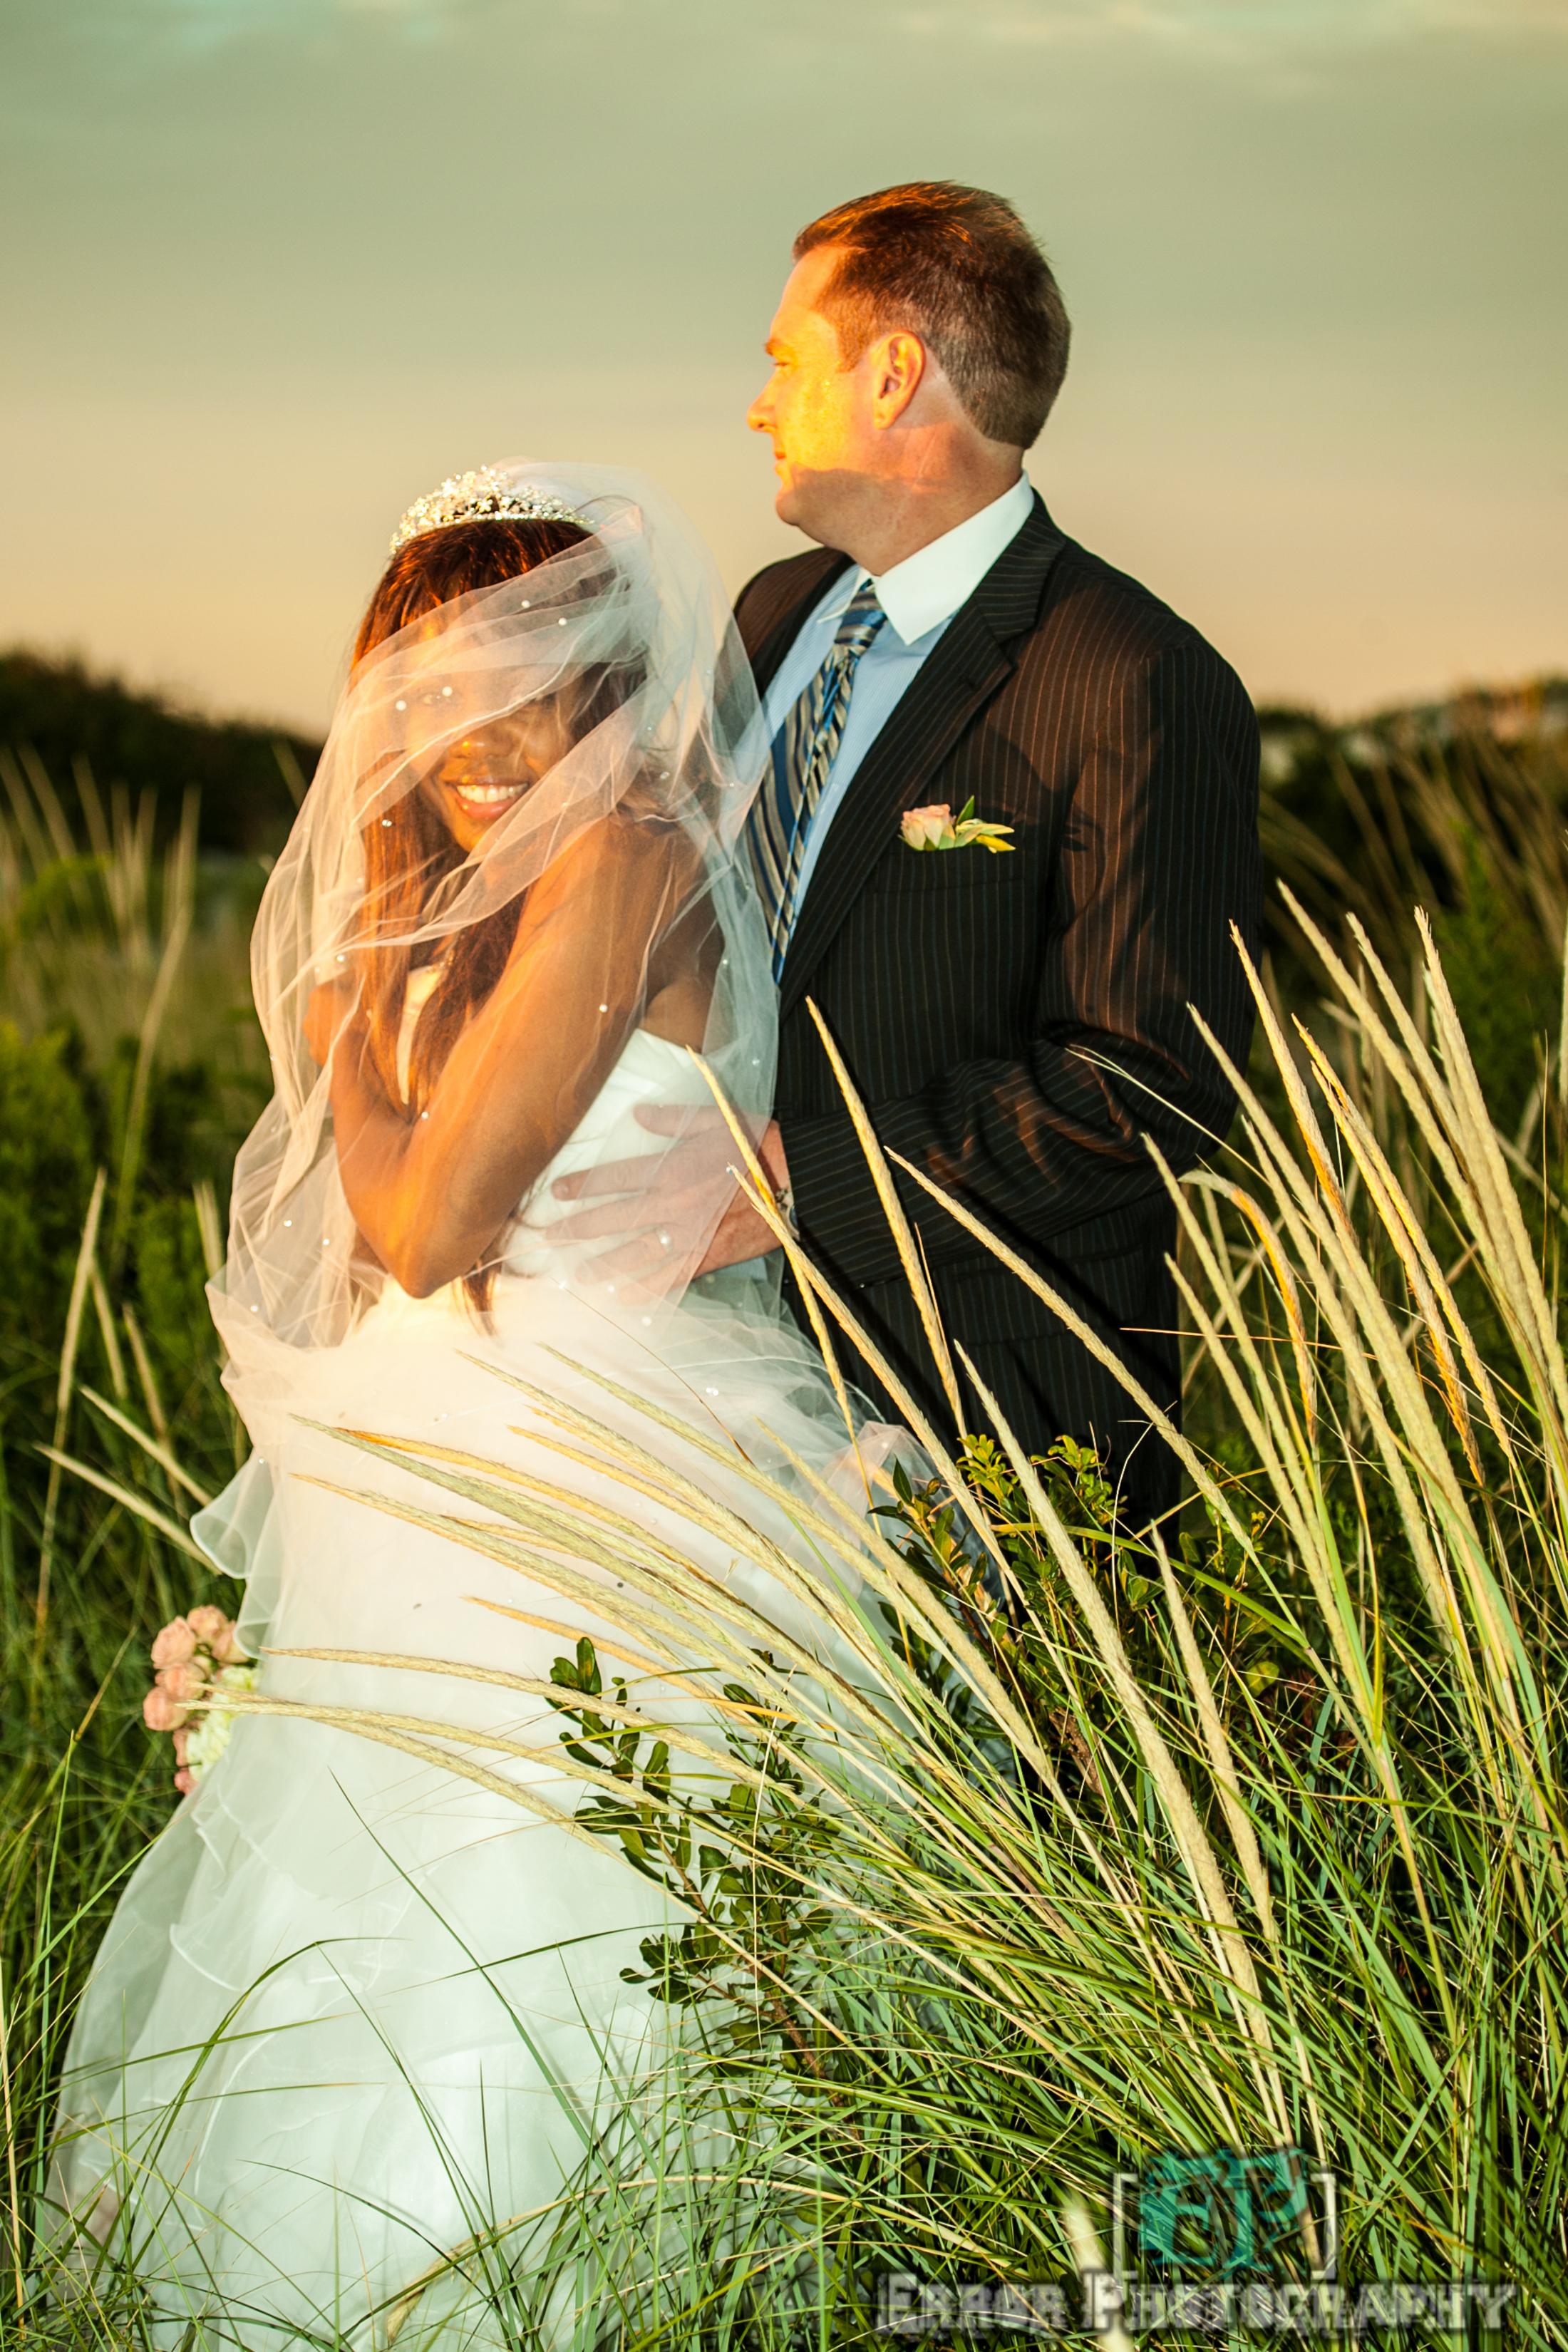 Wedding promo photos-28.jpg